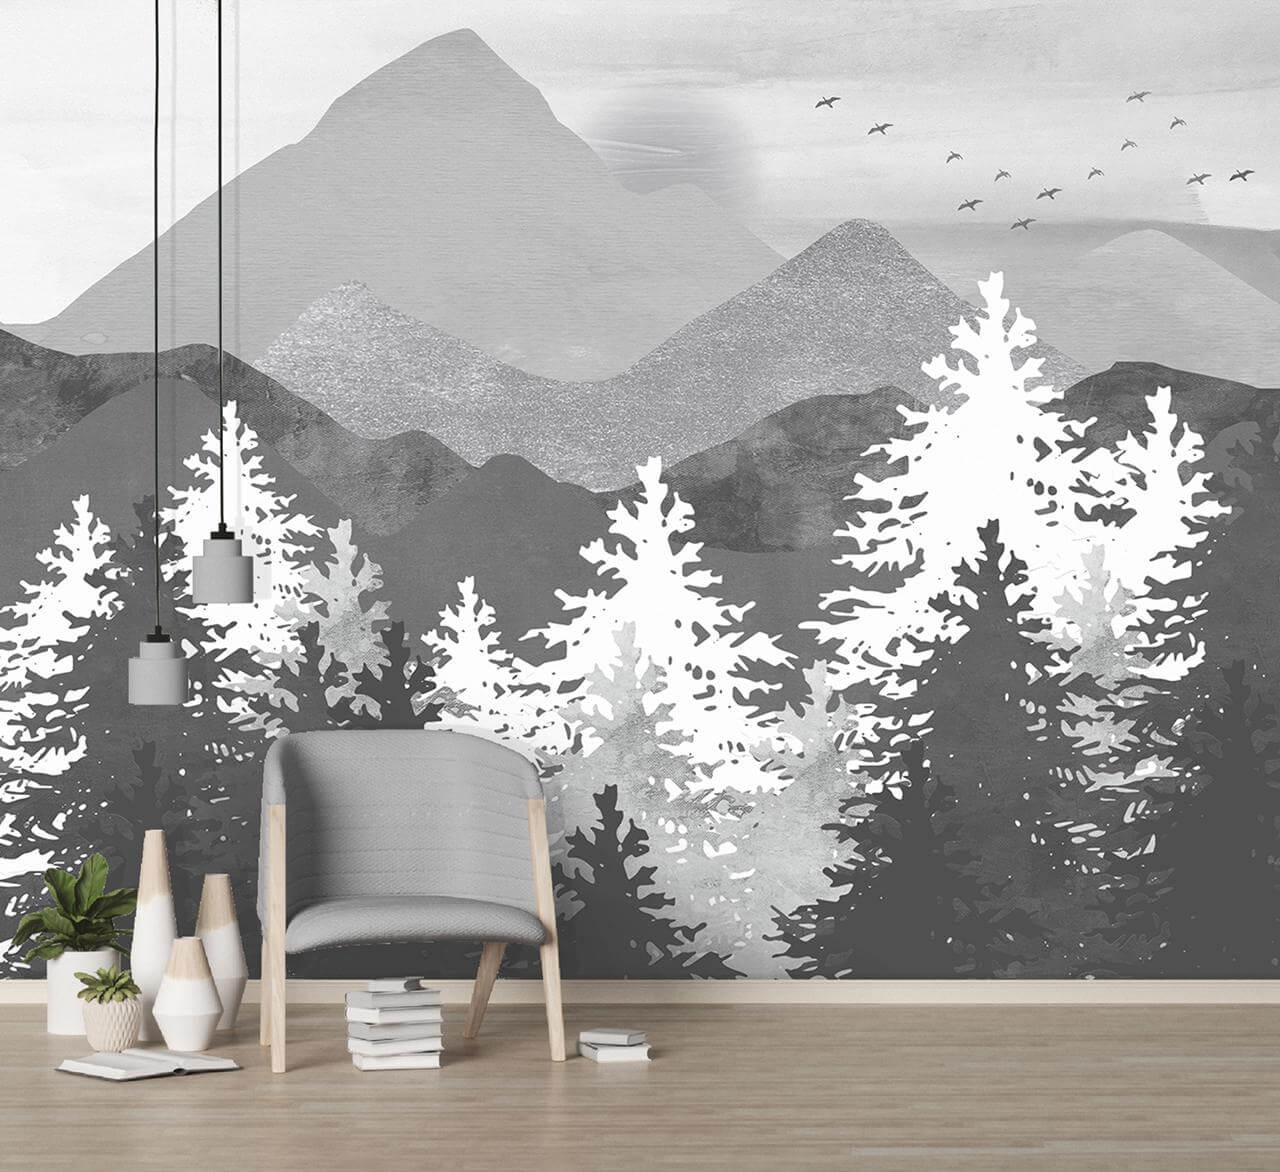 фотообои горы и лес в интерьере